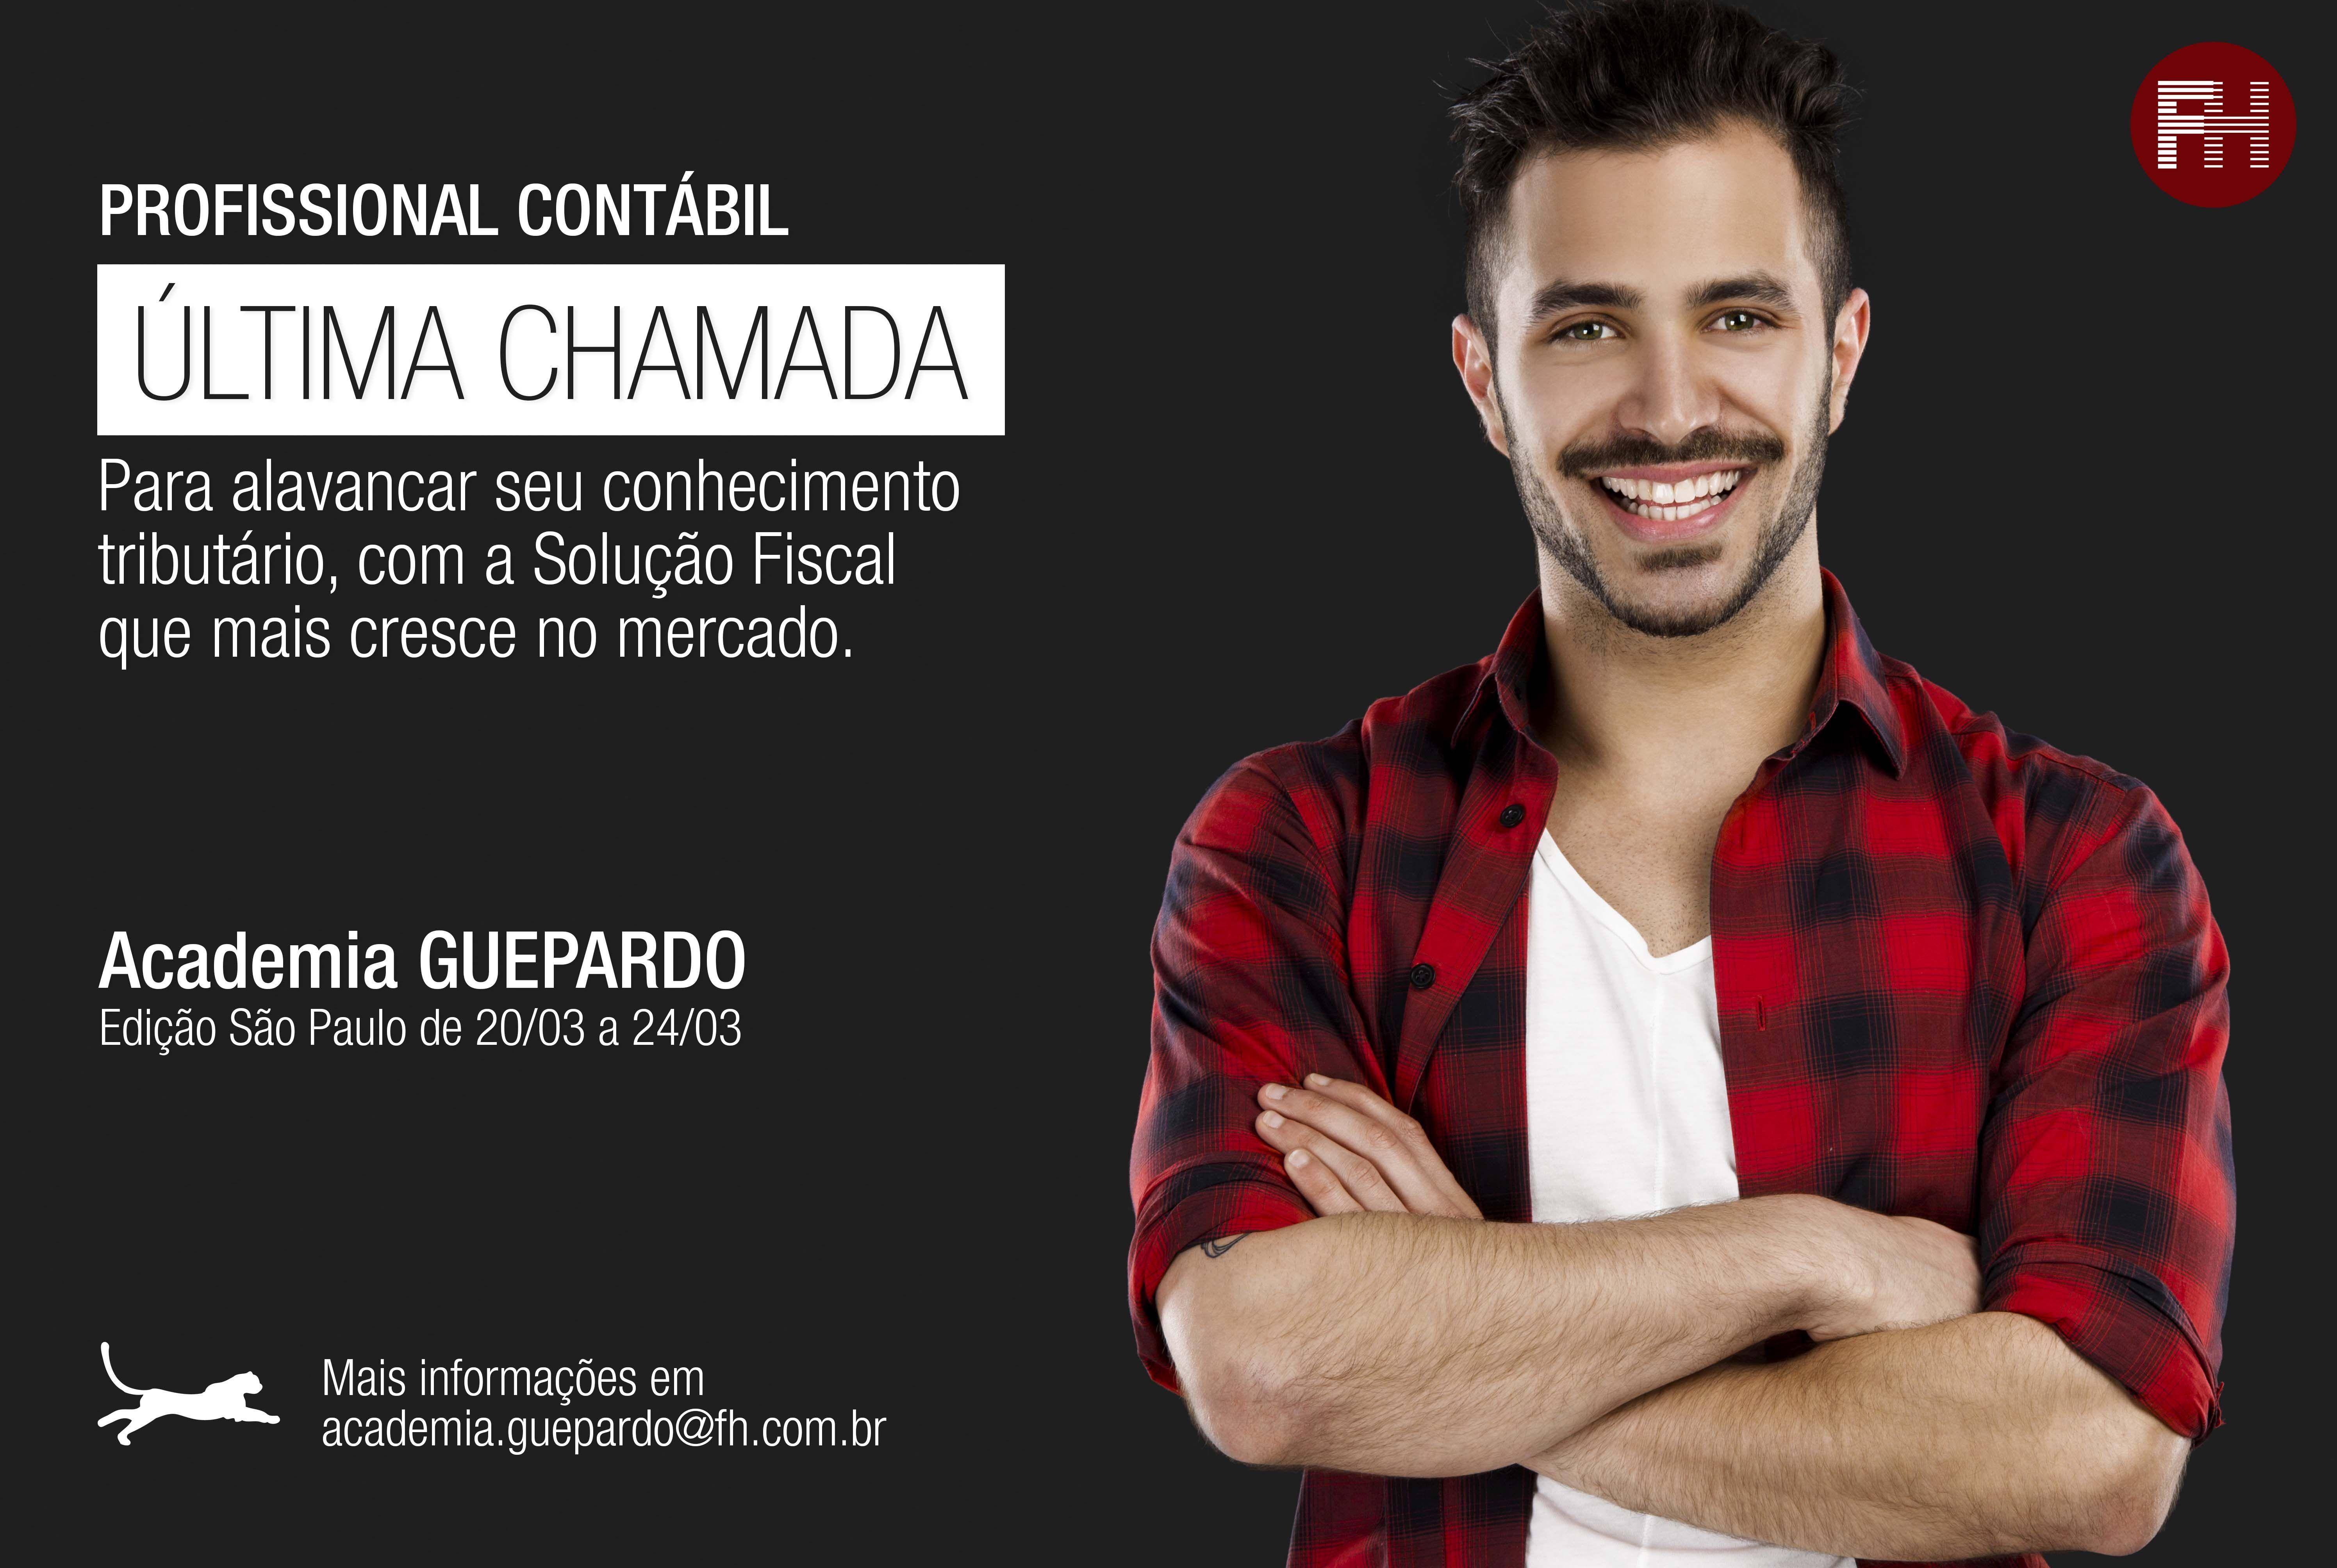 Corra para garantir a sua vaga! A Academia GUEPARDO está chegando! A última edição de 2016 em Curitiba foi repleta de troca de informações e experiências. Confira como foi: https://www.youtube.com/watch?v=EQty5rWQgC8 Mais informações em guepardo@fh.com.br. #FH2017 #AcademiaGUEPARDO #SAP